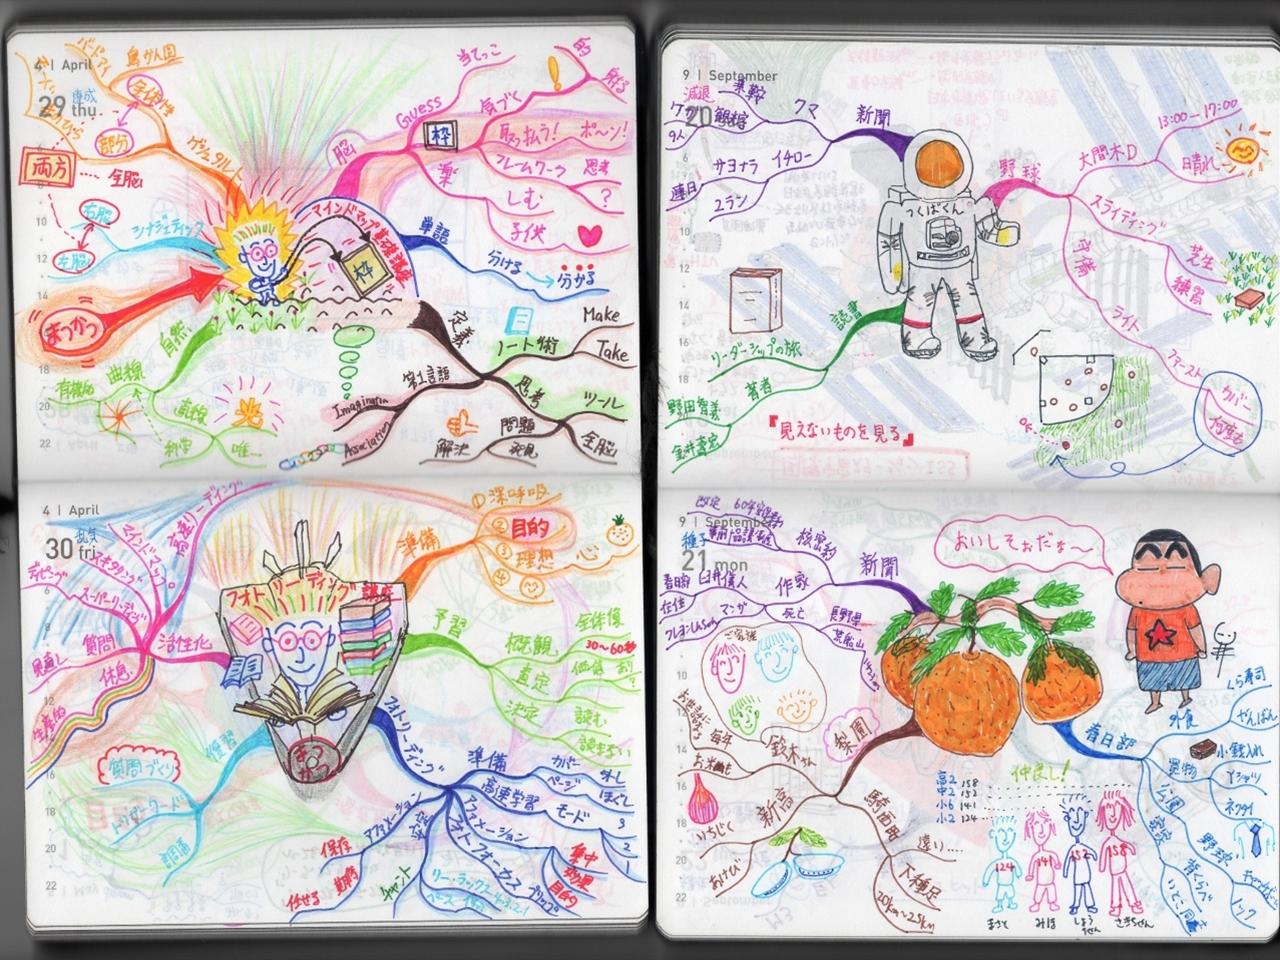 マインドマップ手帳の日記『MMとPR講座とJAXAと梨狩の思い出』